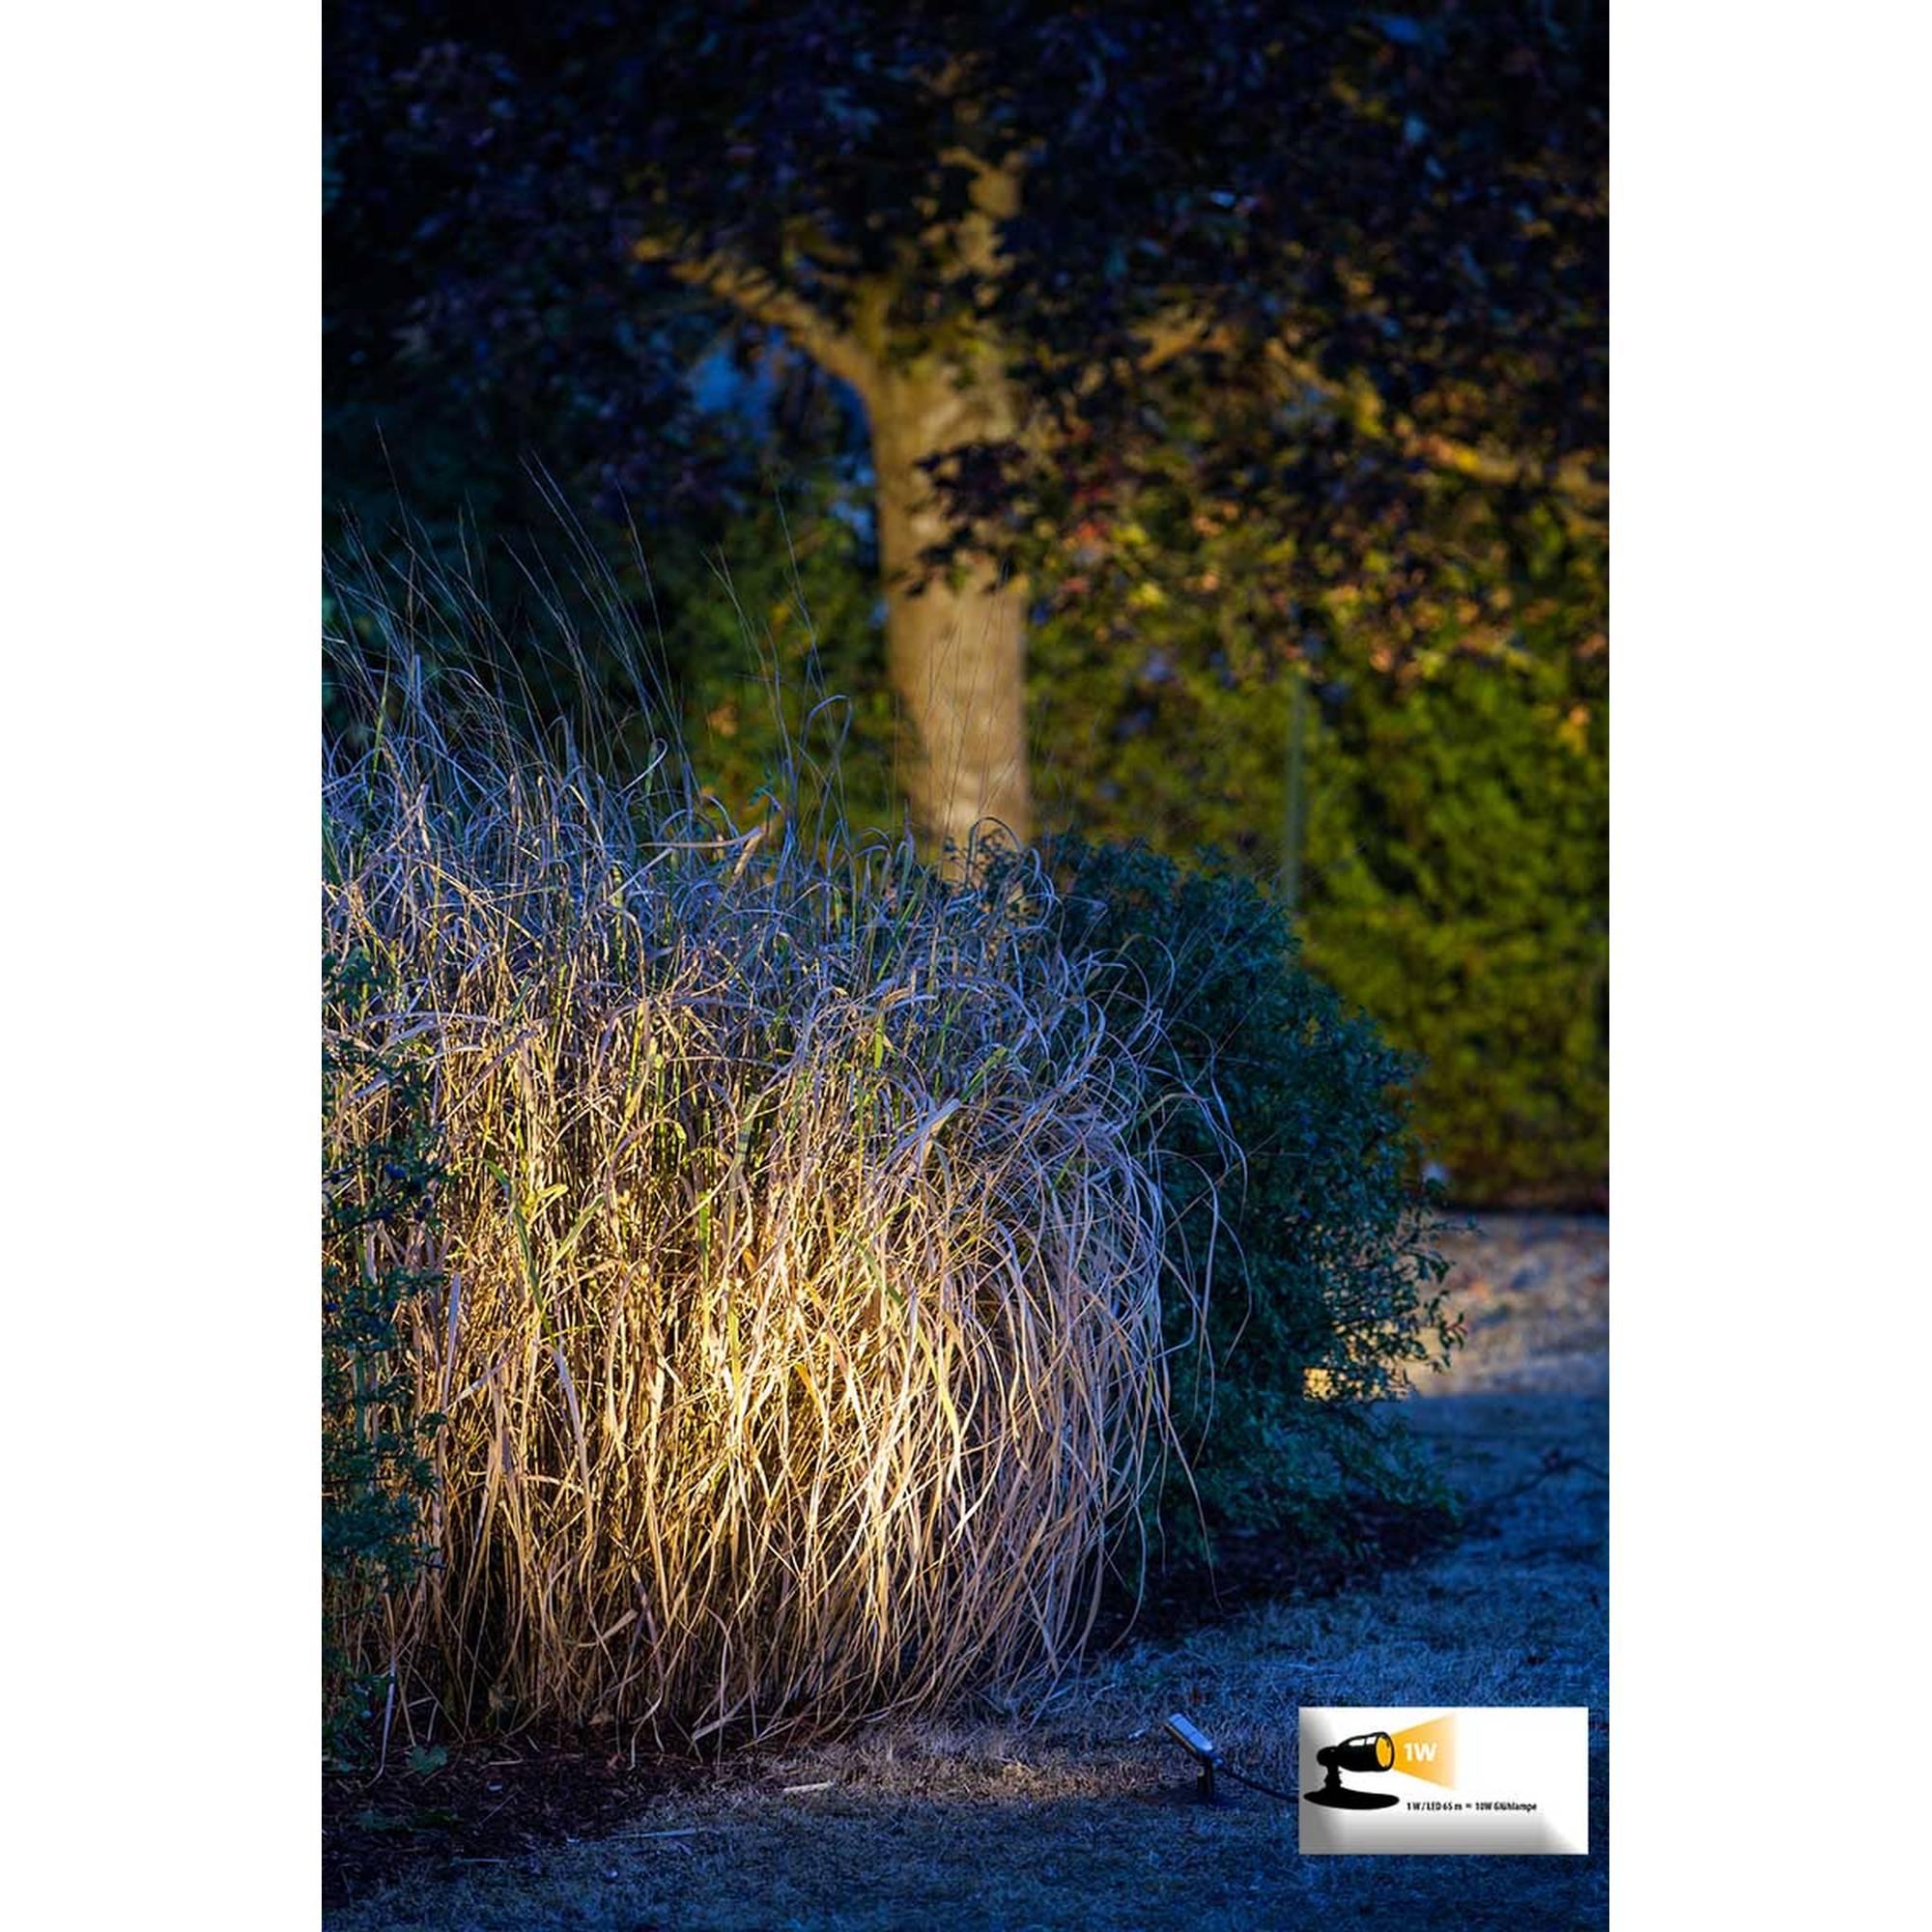 Lampe beleuchtet Busch im Garten